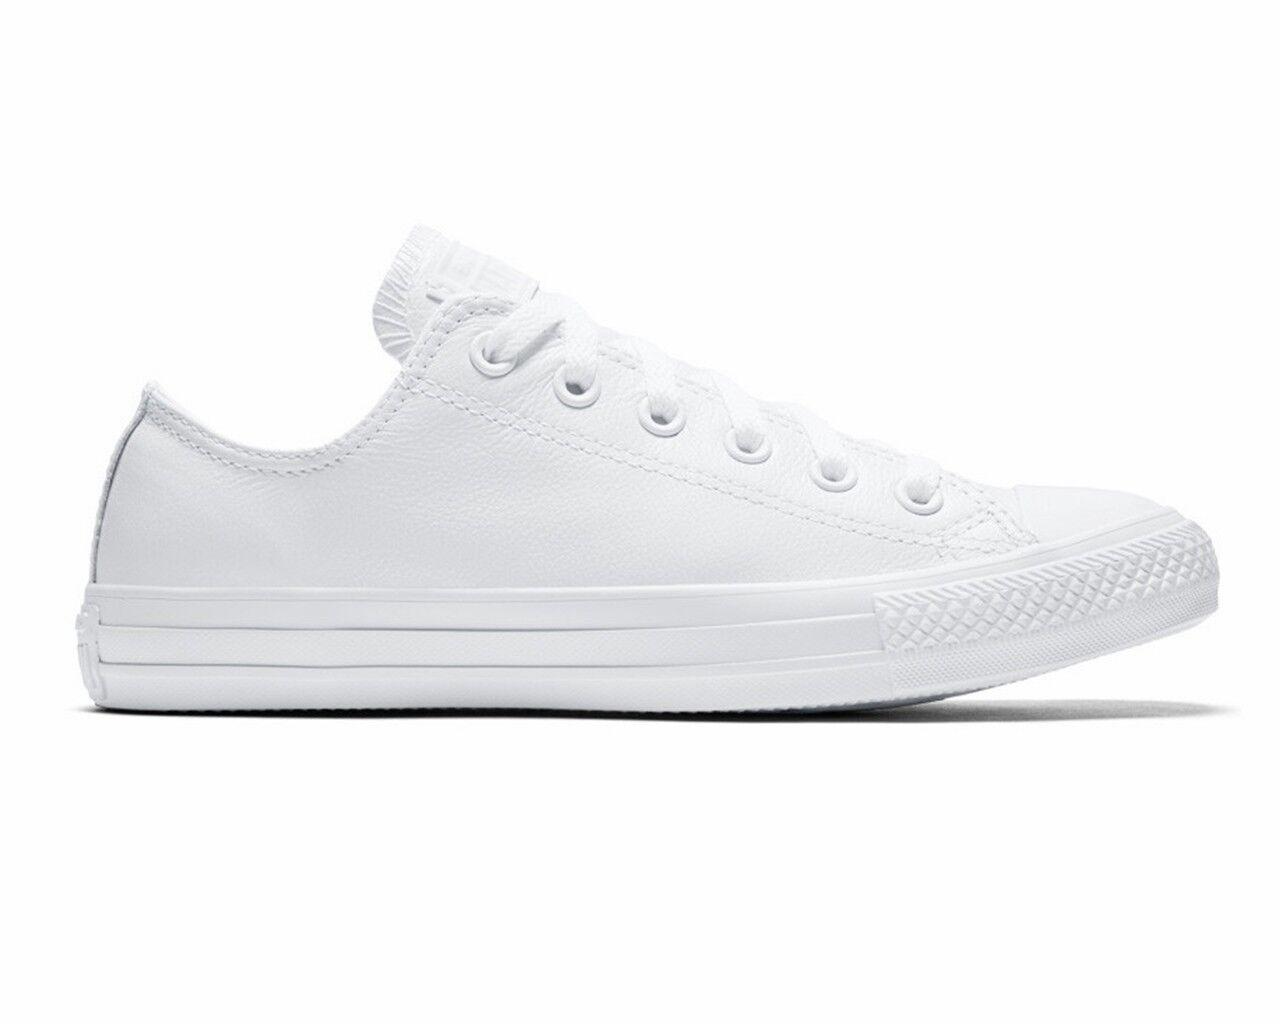 Converse Chuck Taylor All Star OX 136823C in Pelle Uomini Scarpe da ginnastica White Donna Scarpa